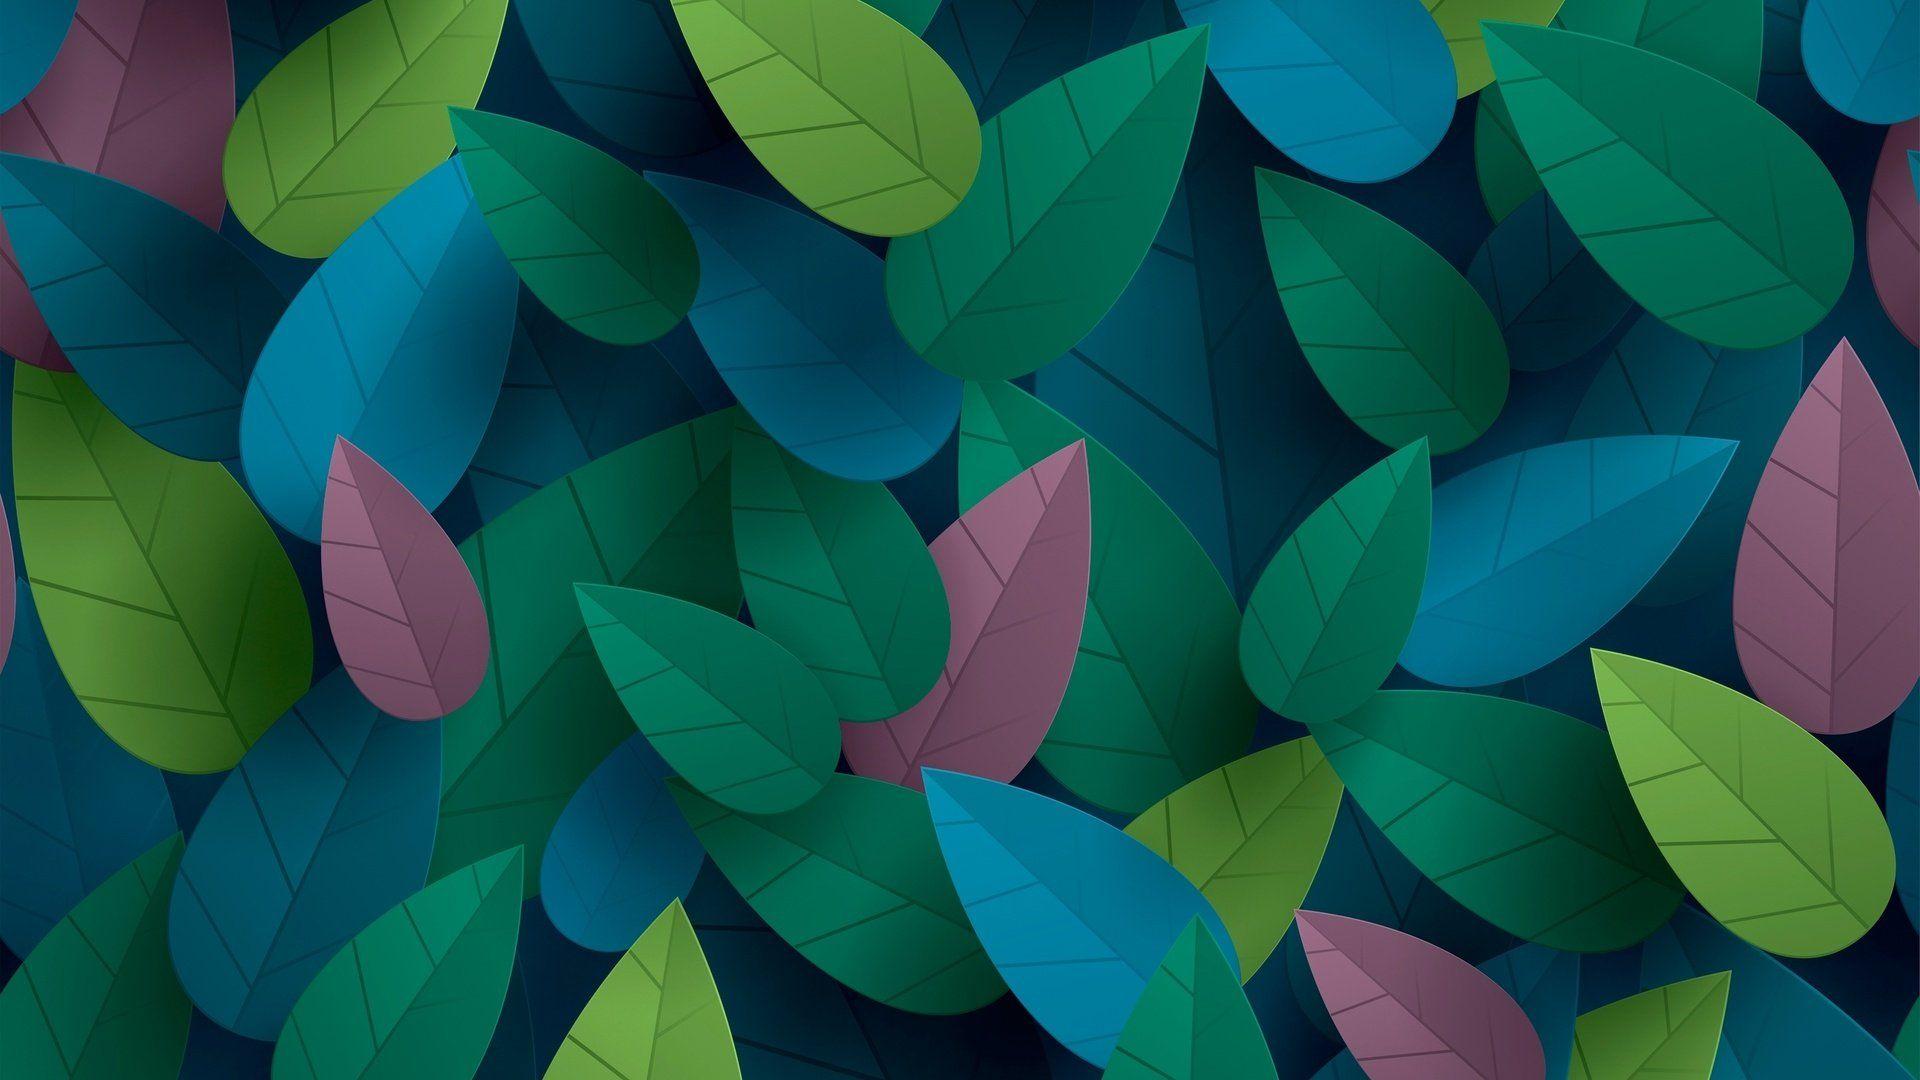 Leaf Pattern Image